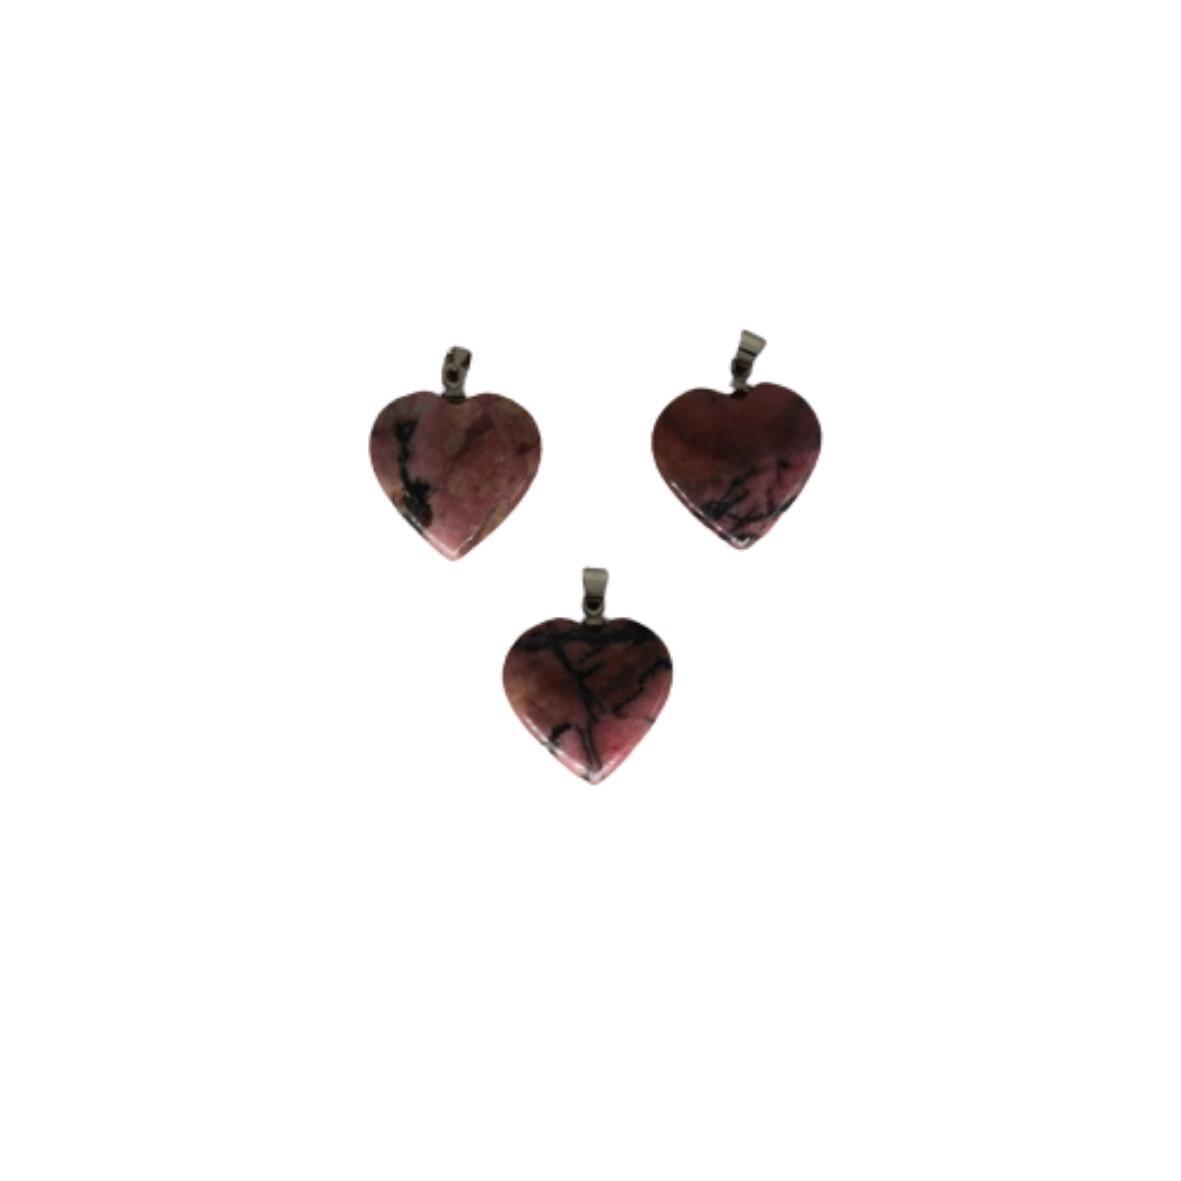 Pendentif coeur en rhodonite